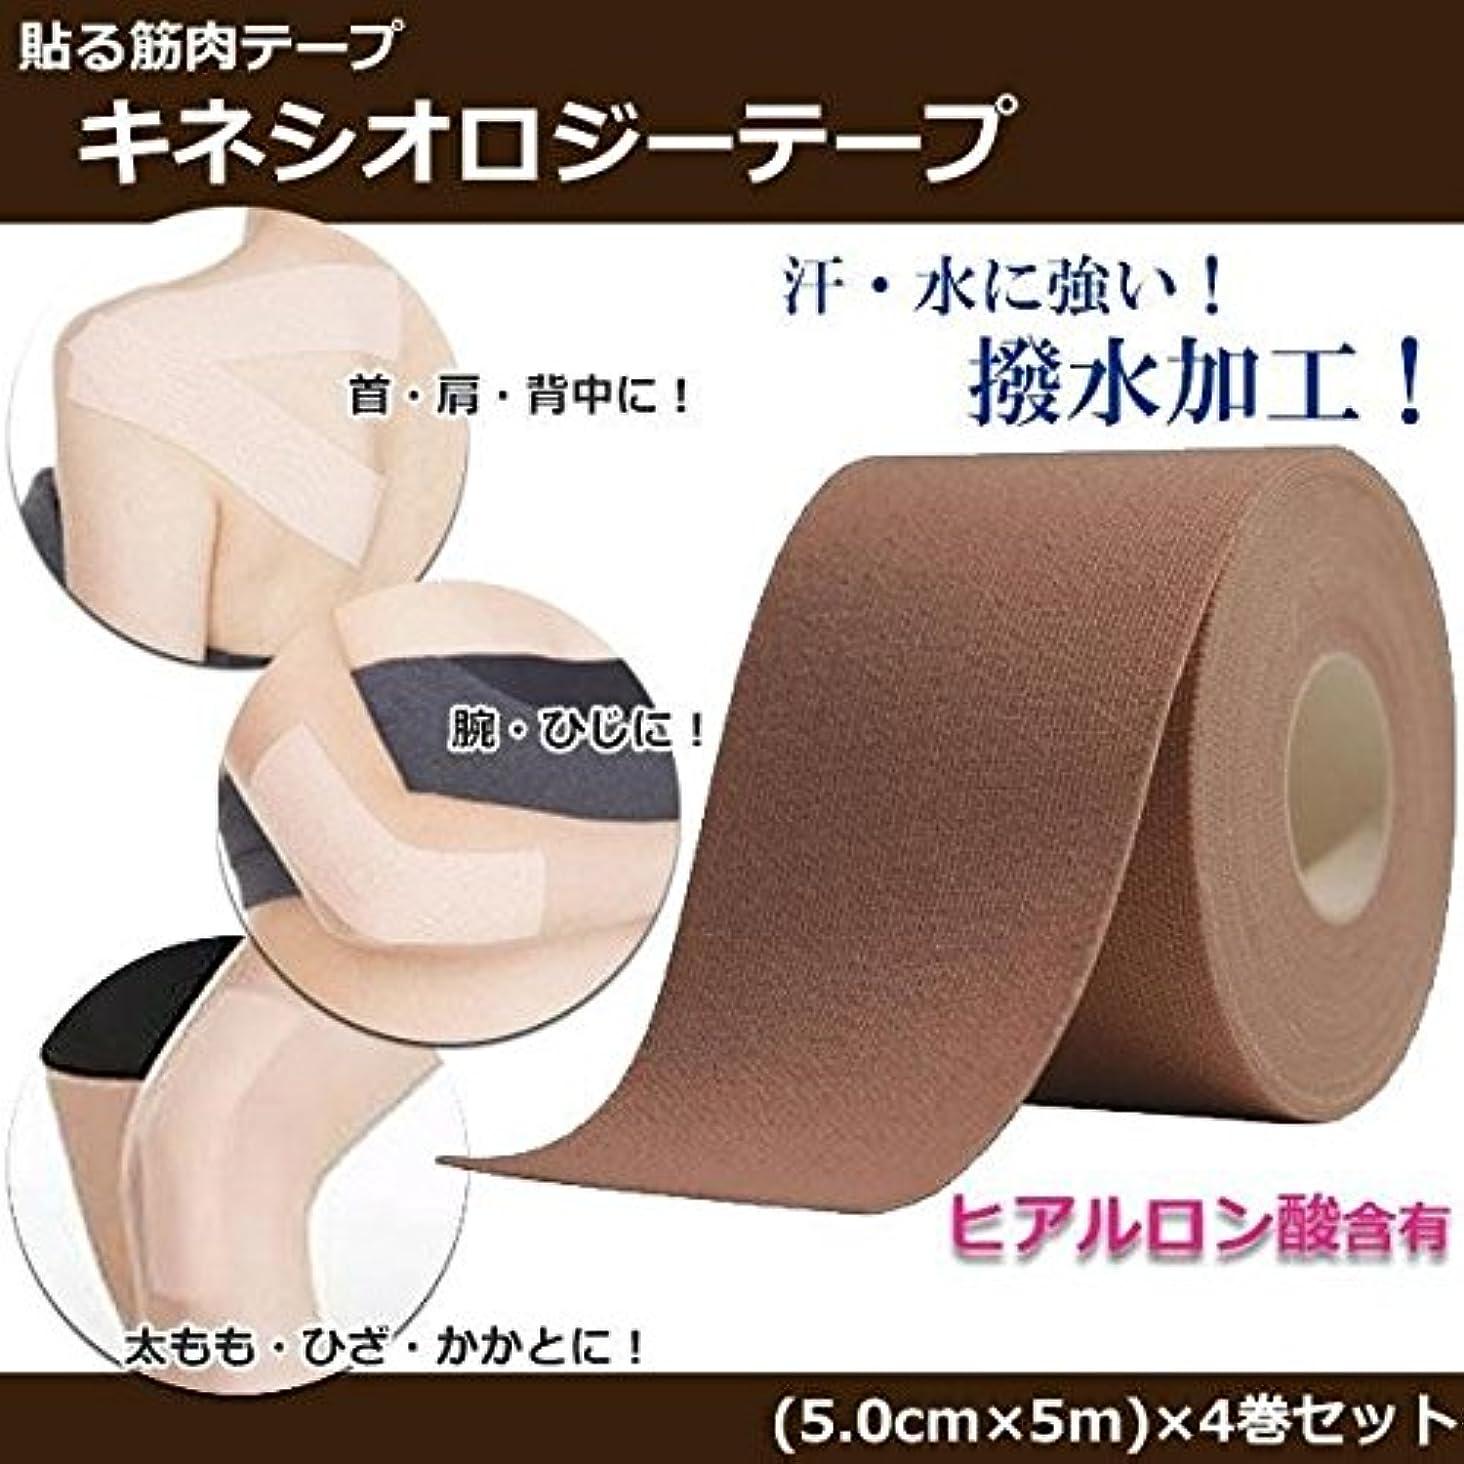 サーバント工夫する組み込む貼る筋肉テープ キネシオロジーテープ ヒアルロン酸含有 日本製 4巻セット